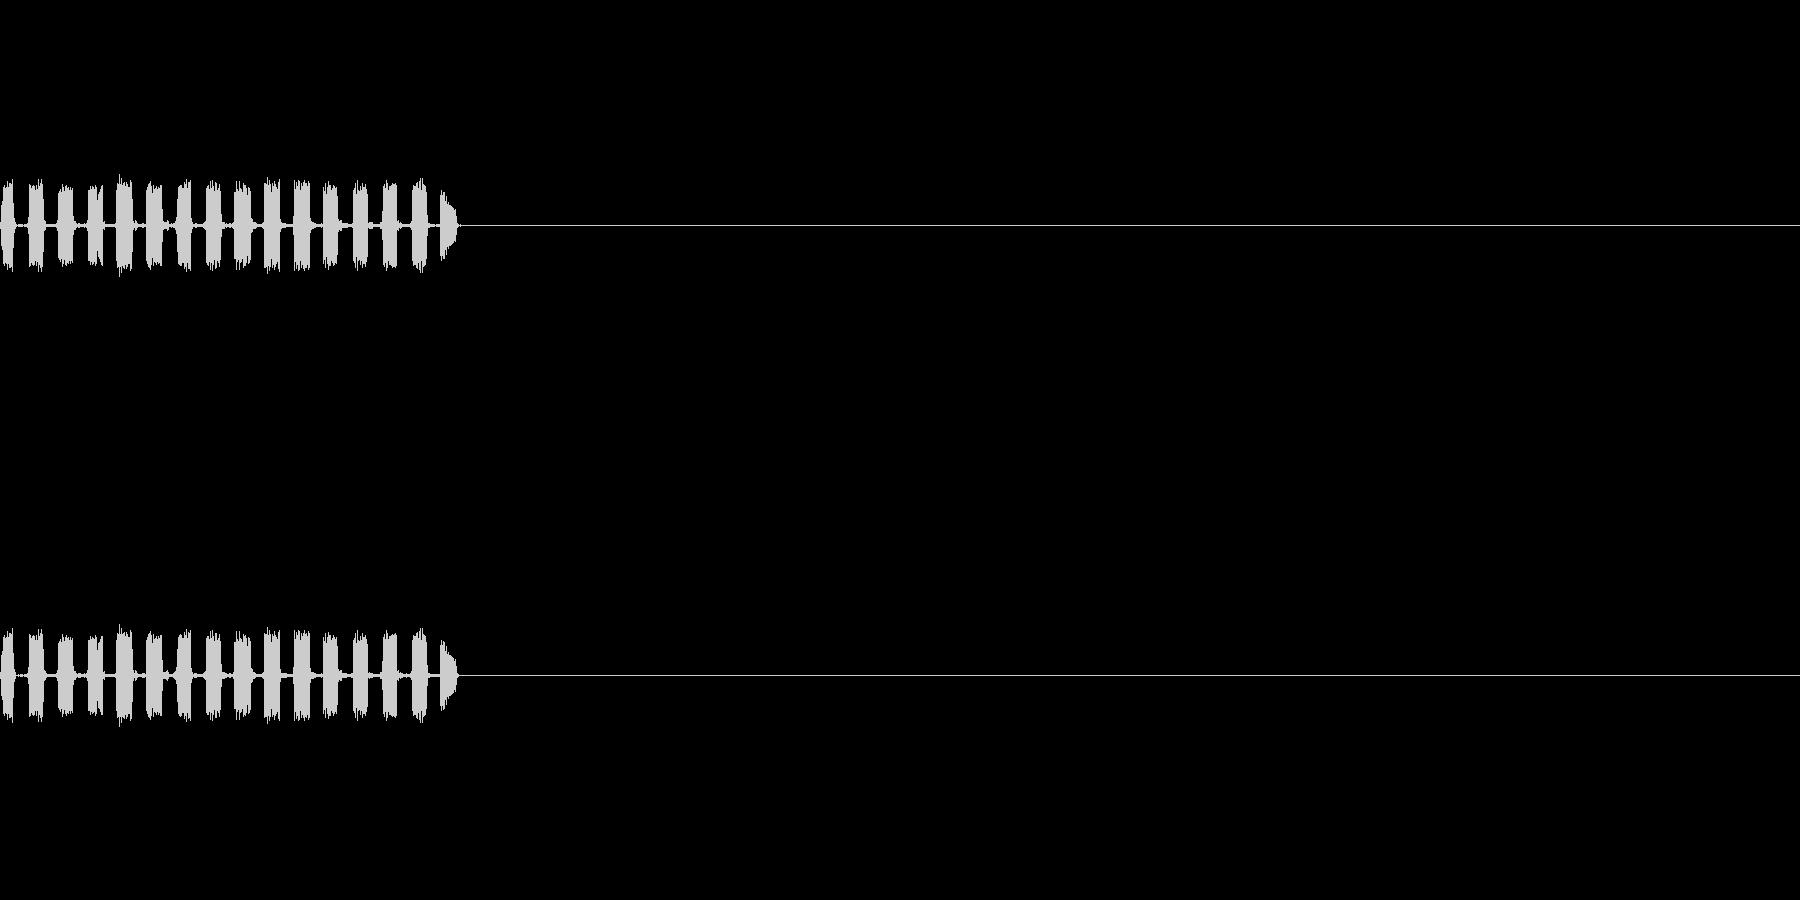 メーター表示/解析/着信/デジタルの未再生の波形